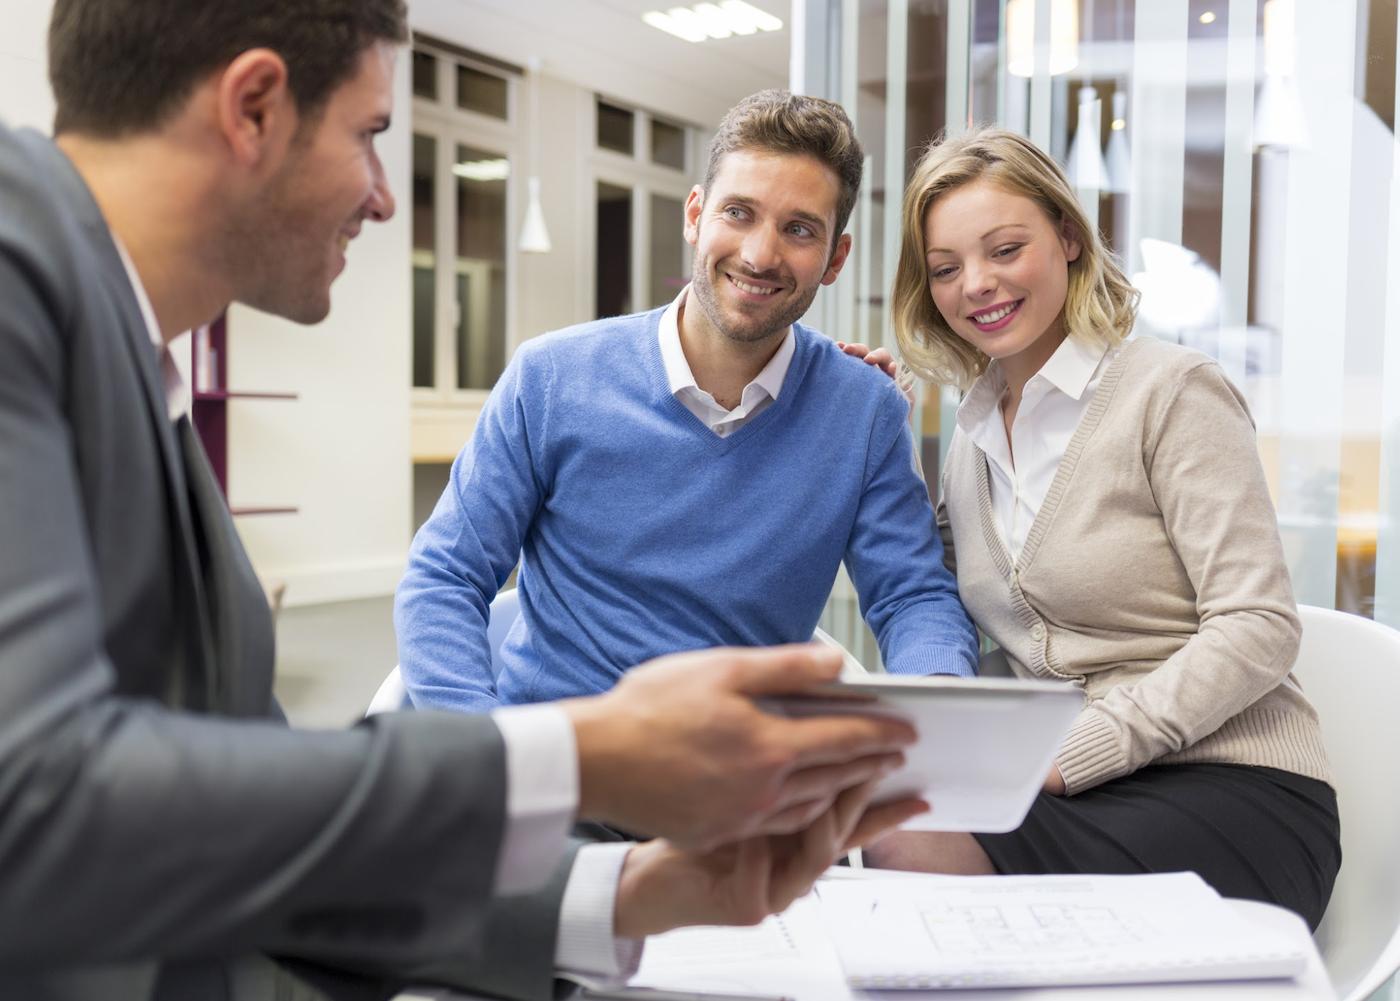 La importancia de tener un asesor financiero independiente